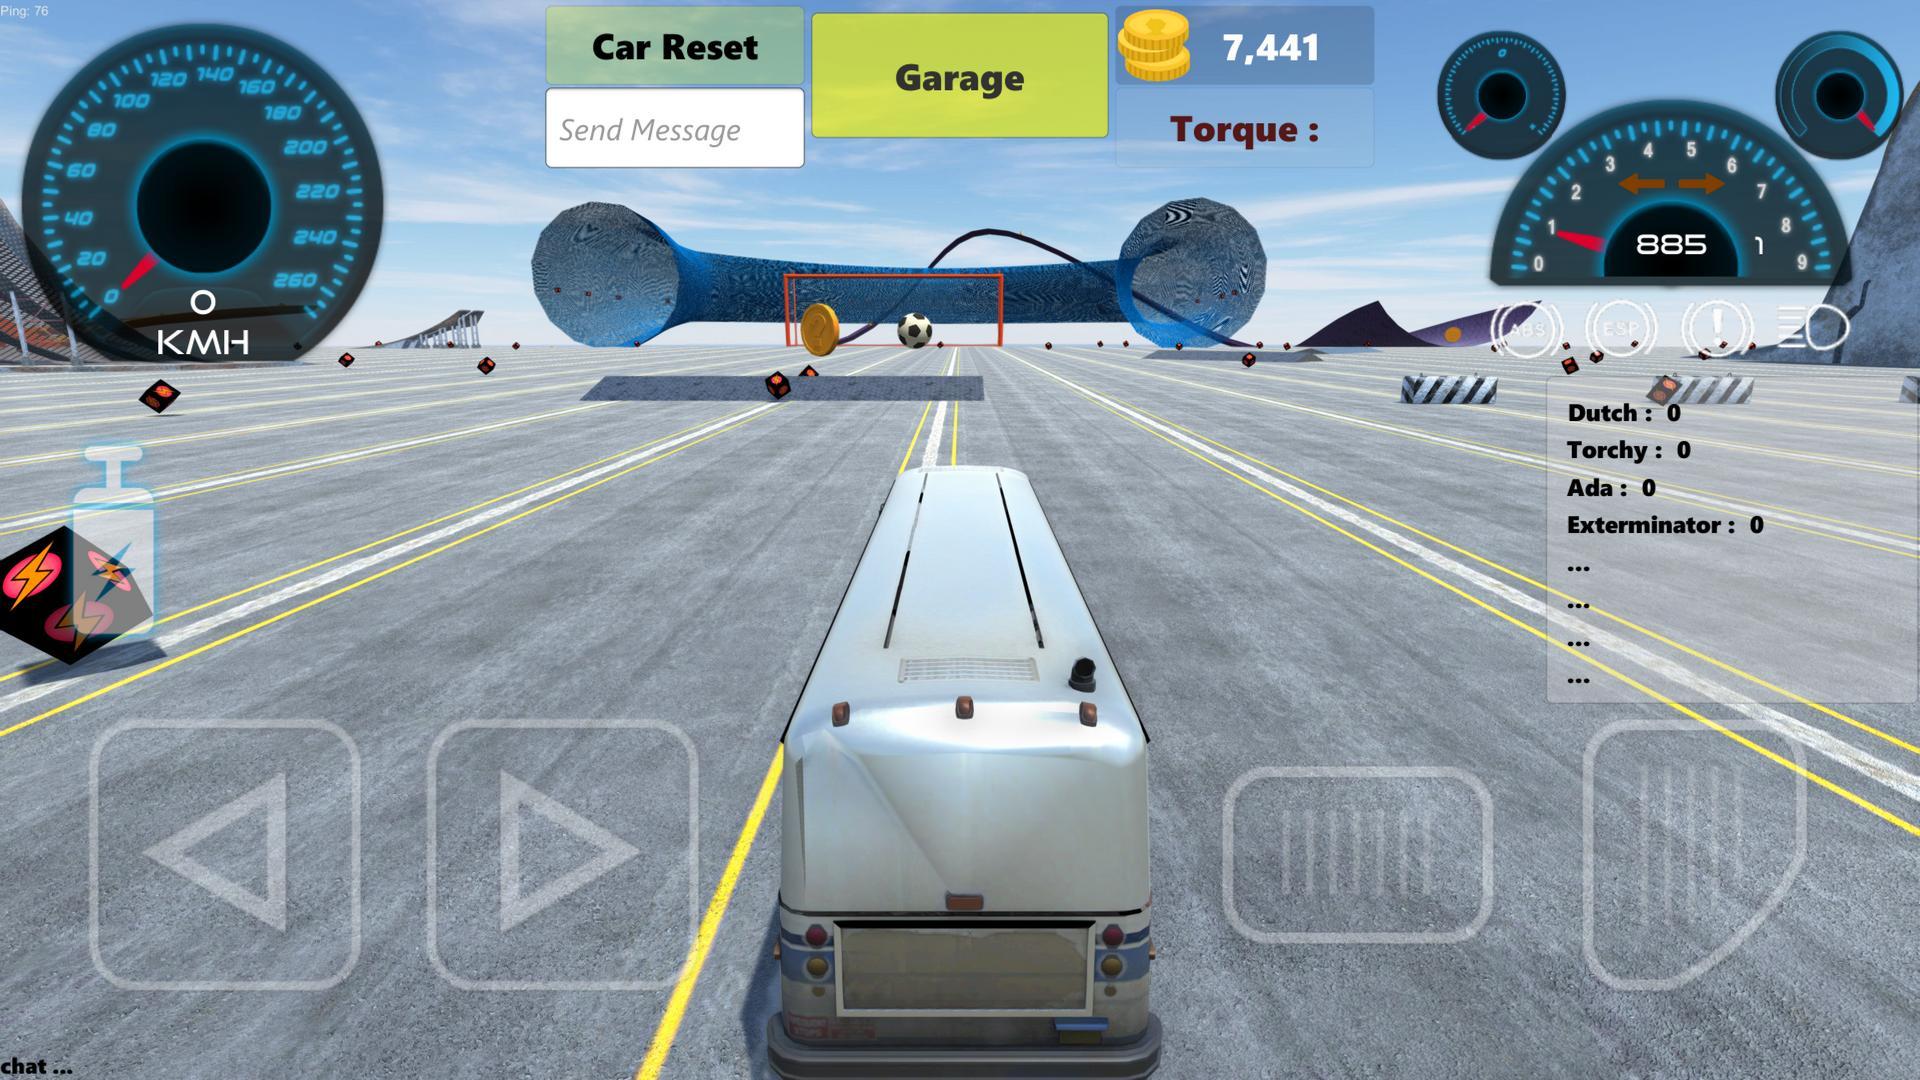 Traffic.io Jeux De Voiture En Ligne Automobile Pour Android intérieur Jeux De Voiture Online